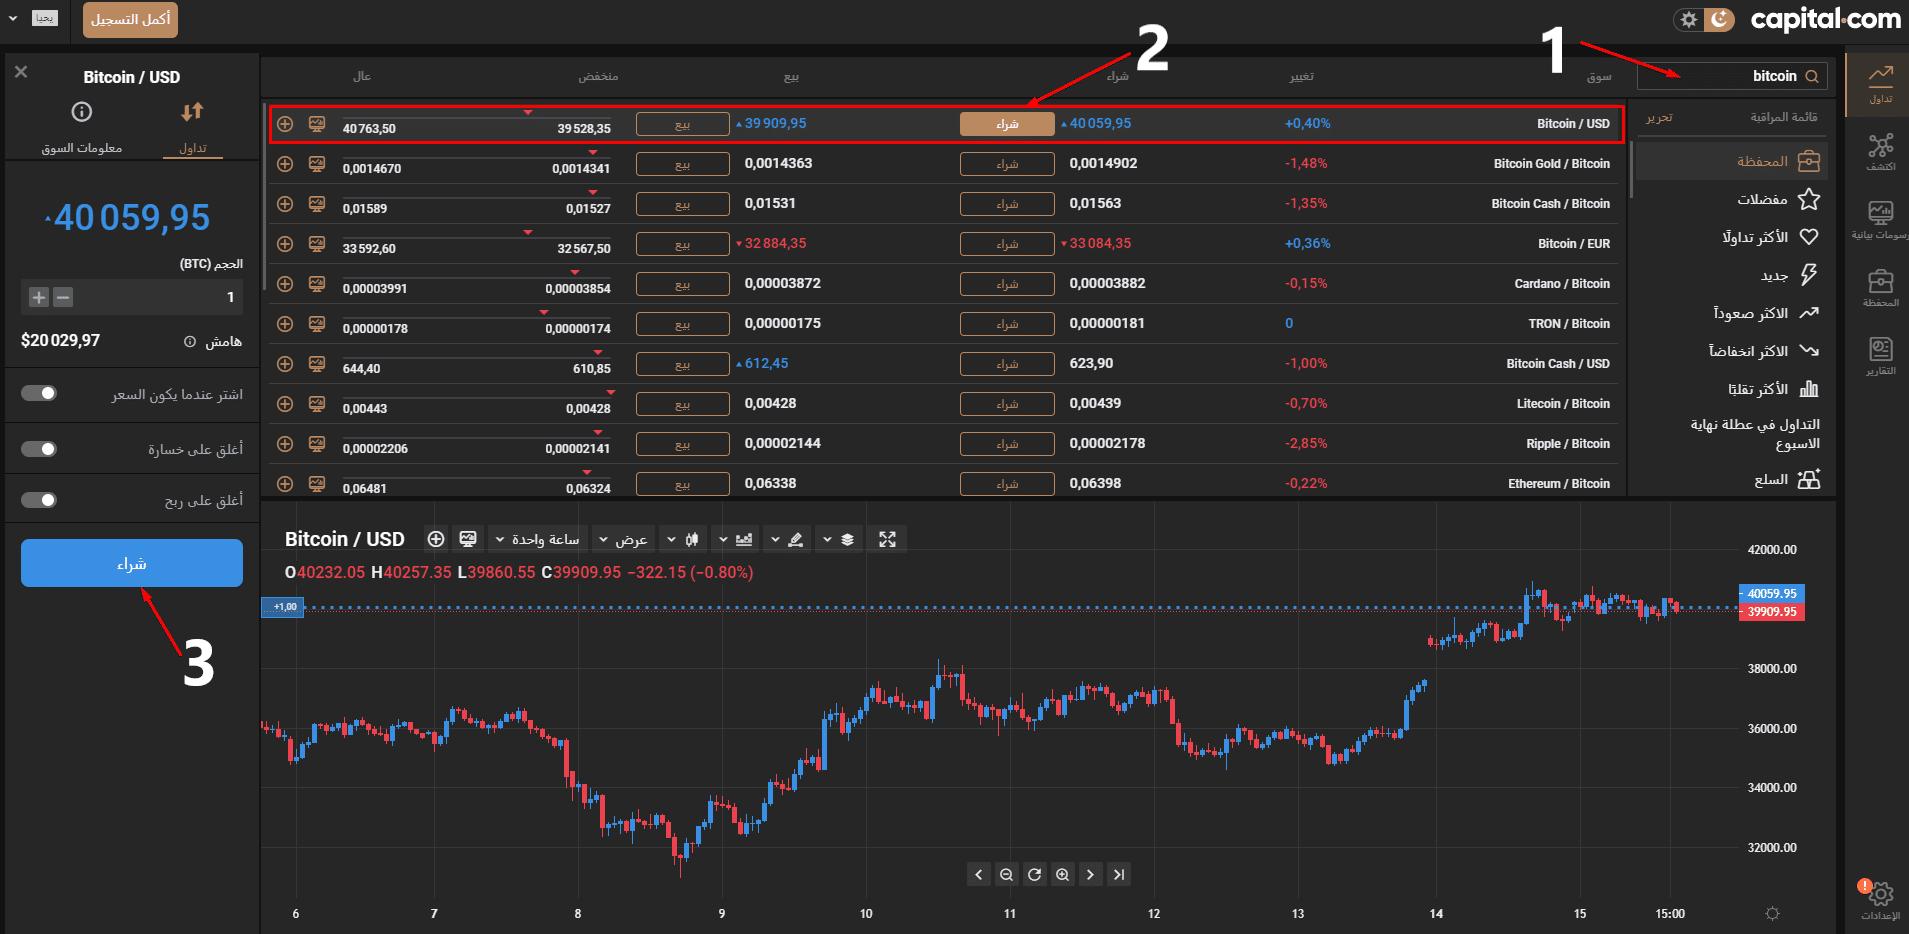 شراء بيتكوين Capital.com